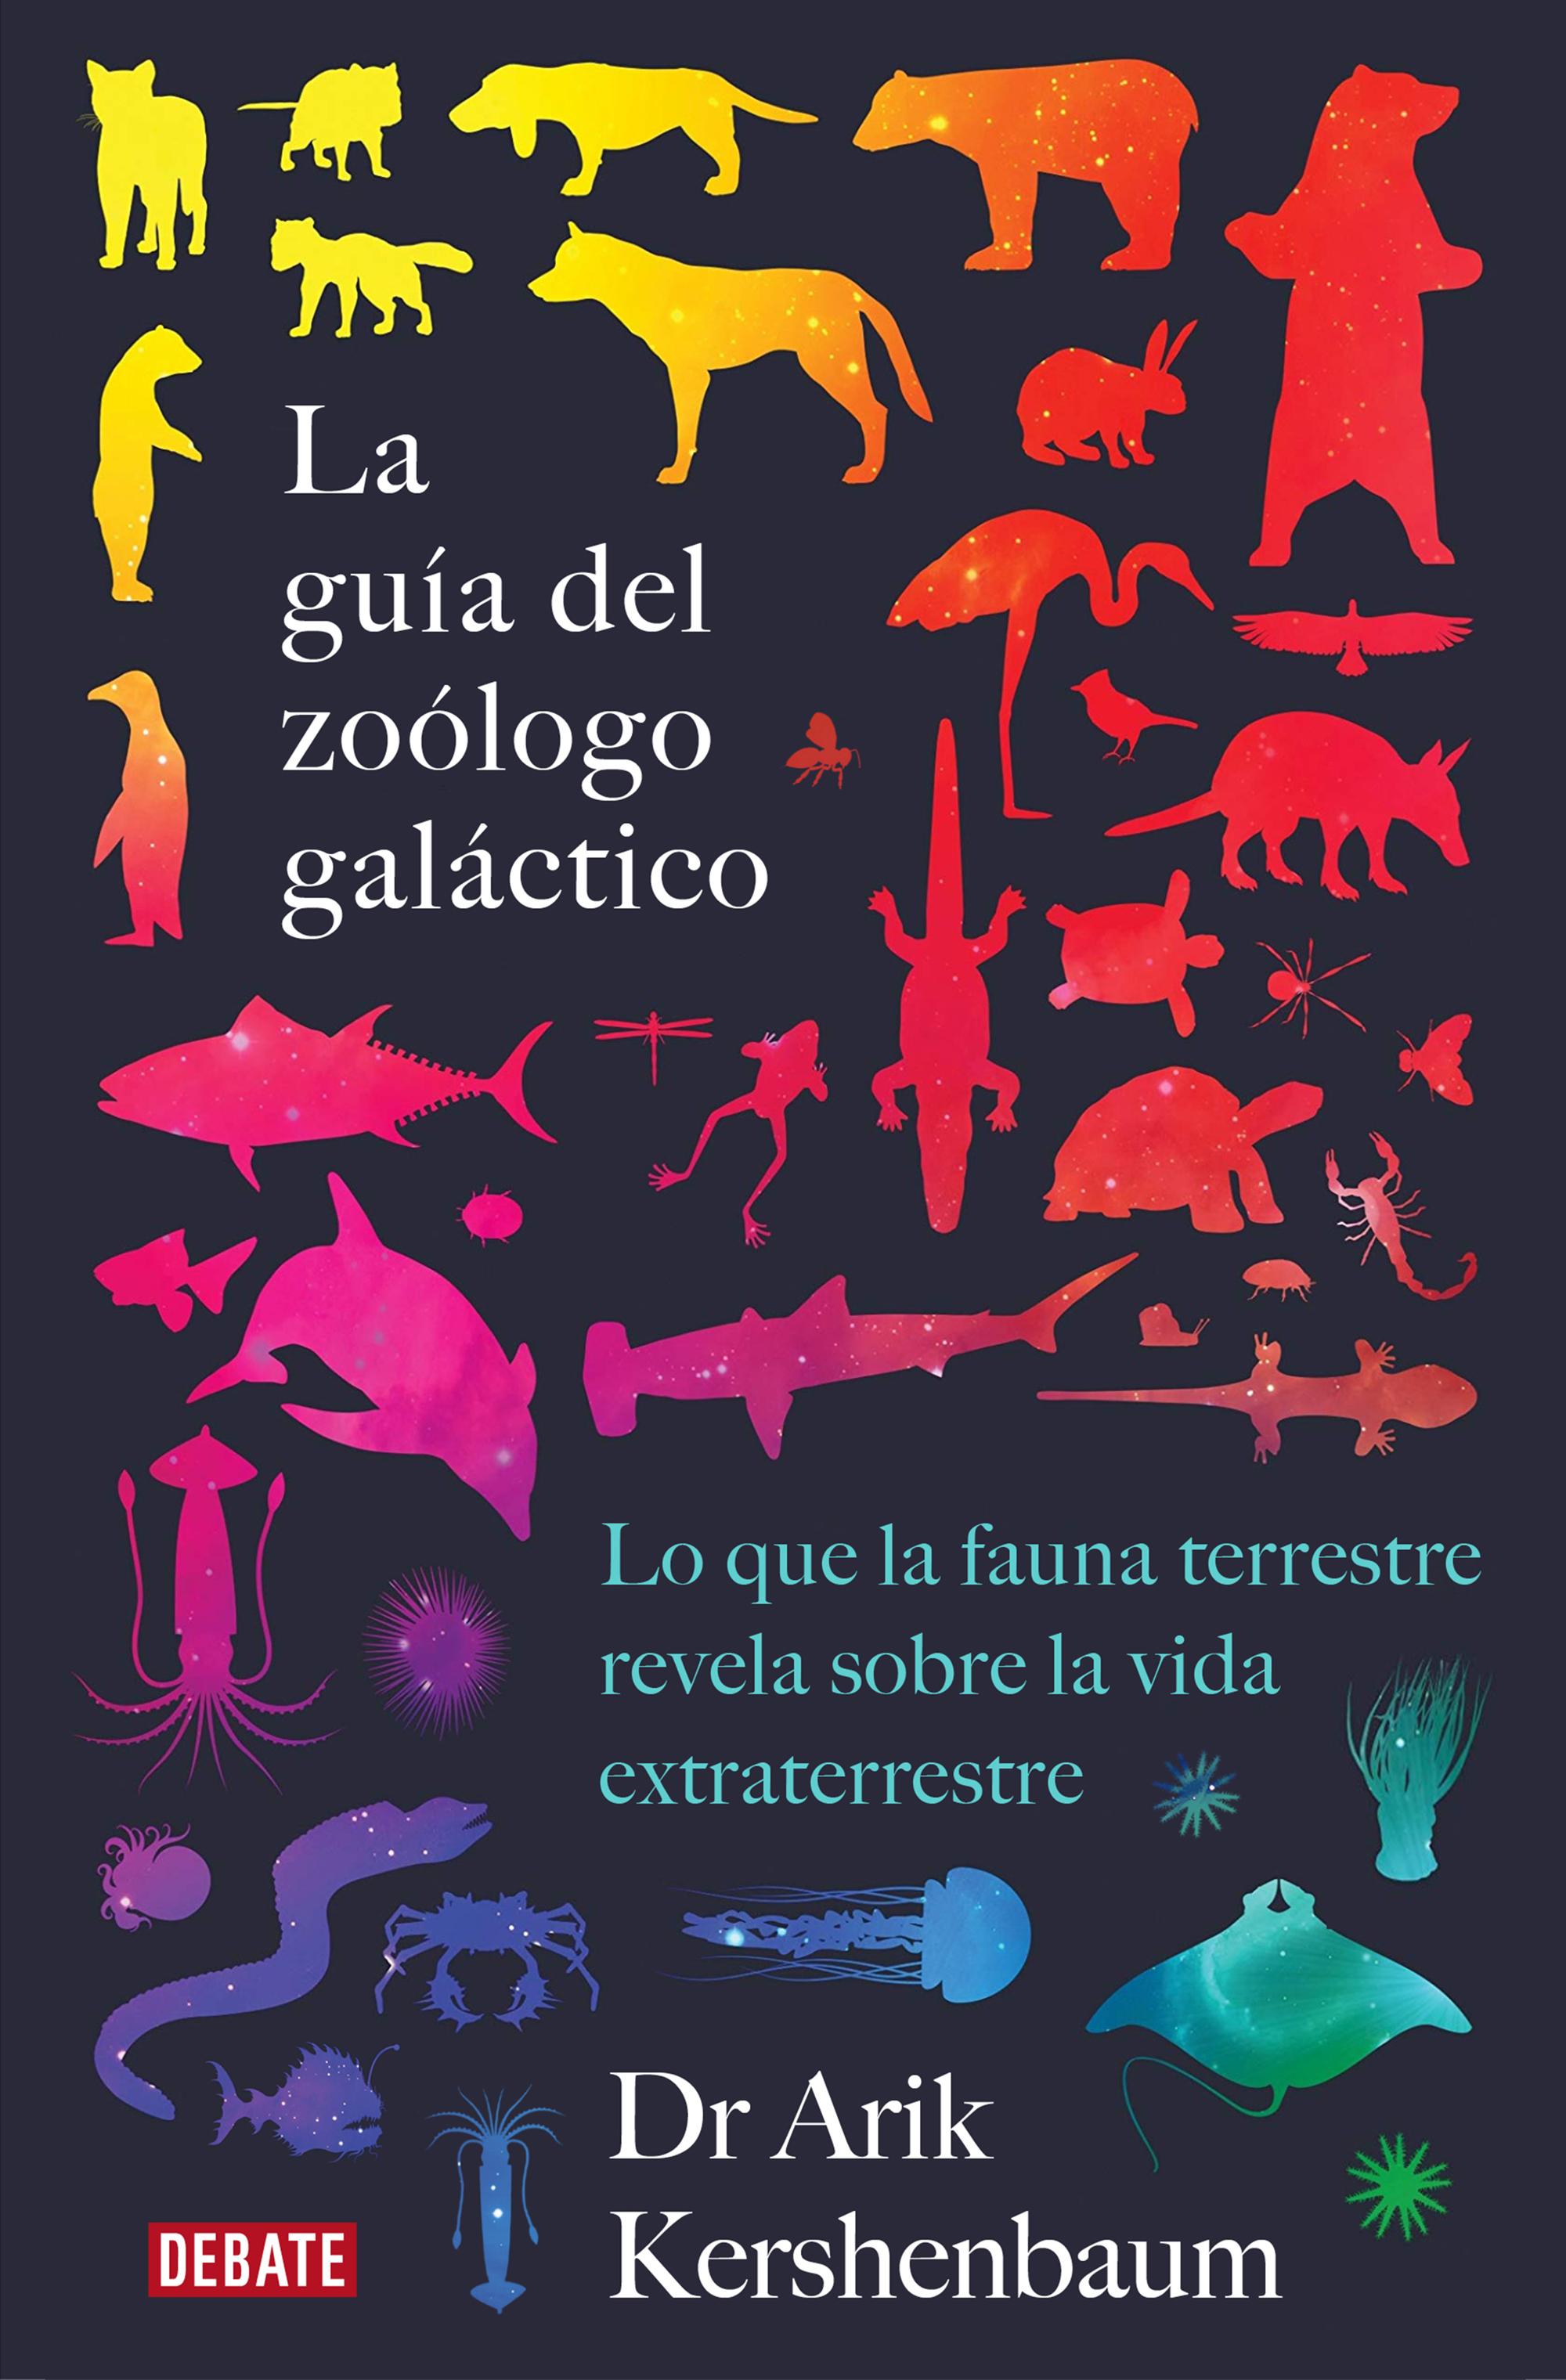 La guía del zoólogo galáctico